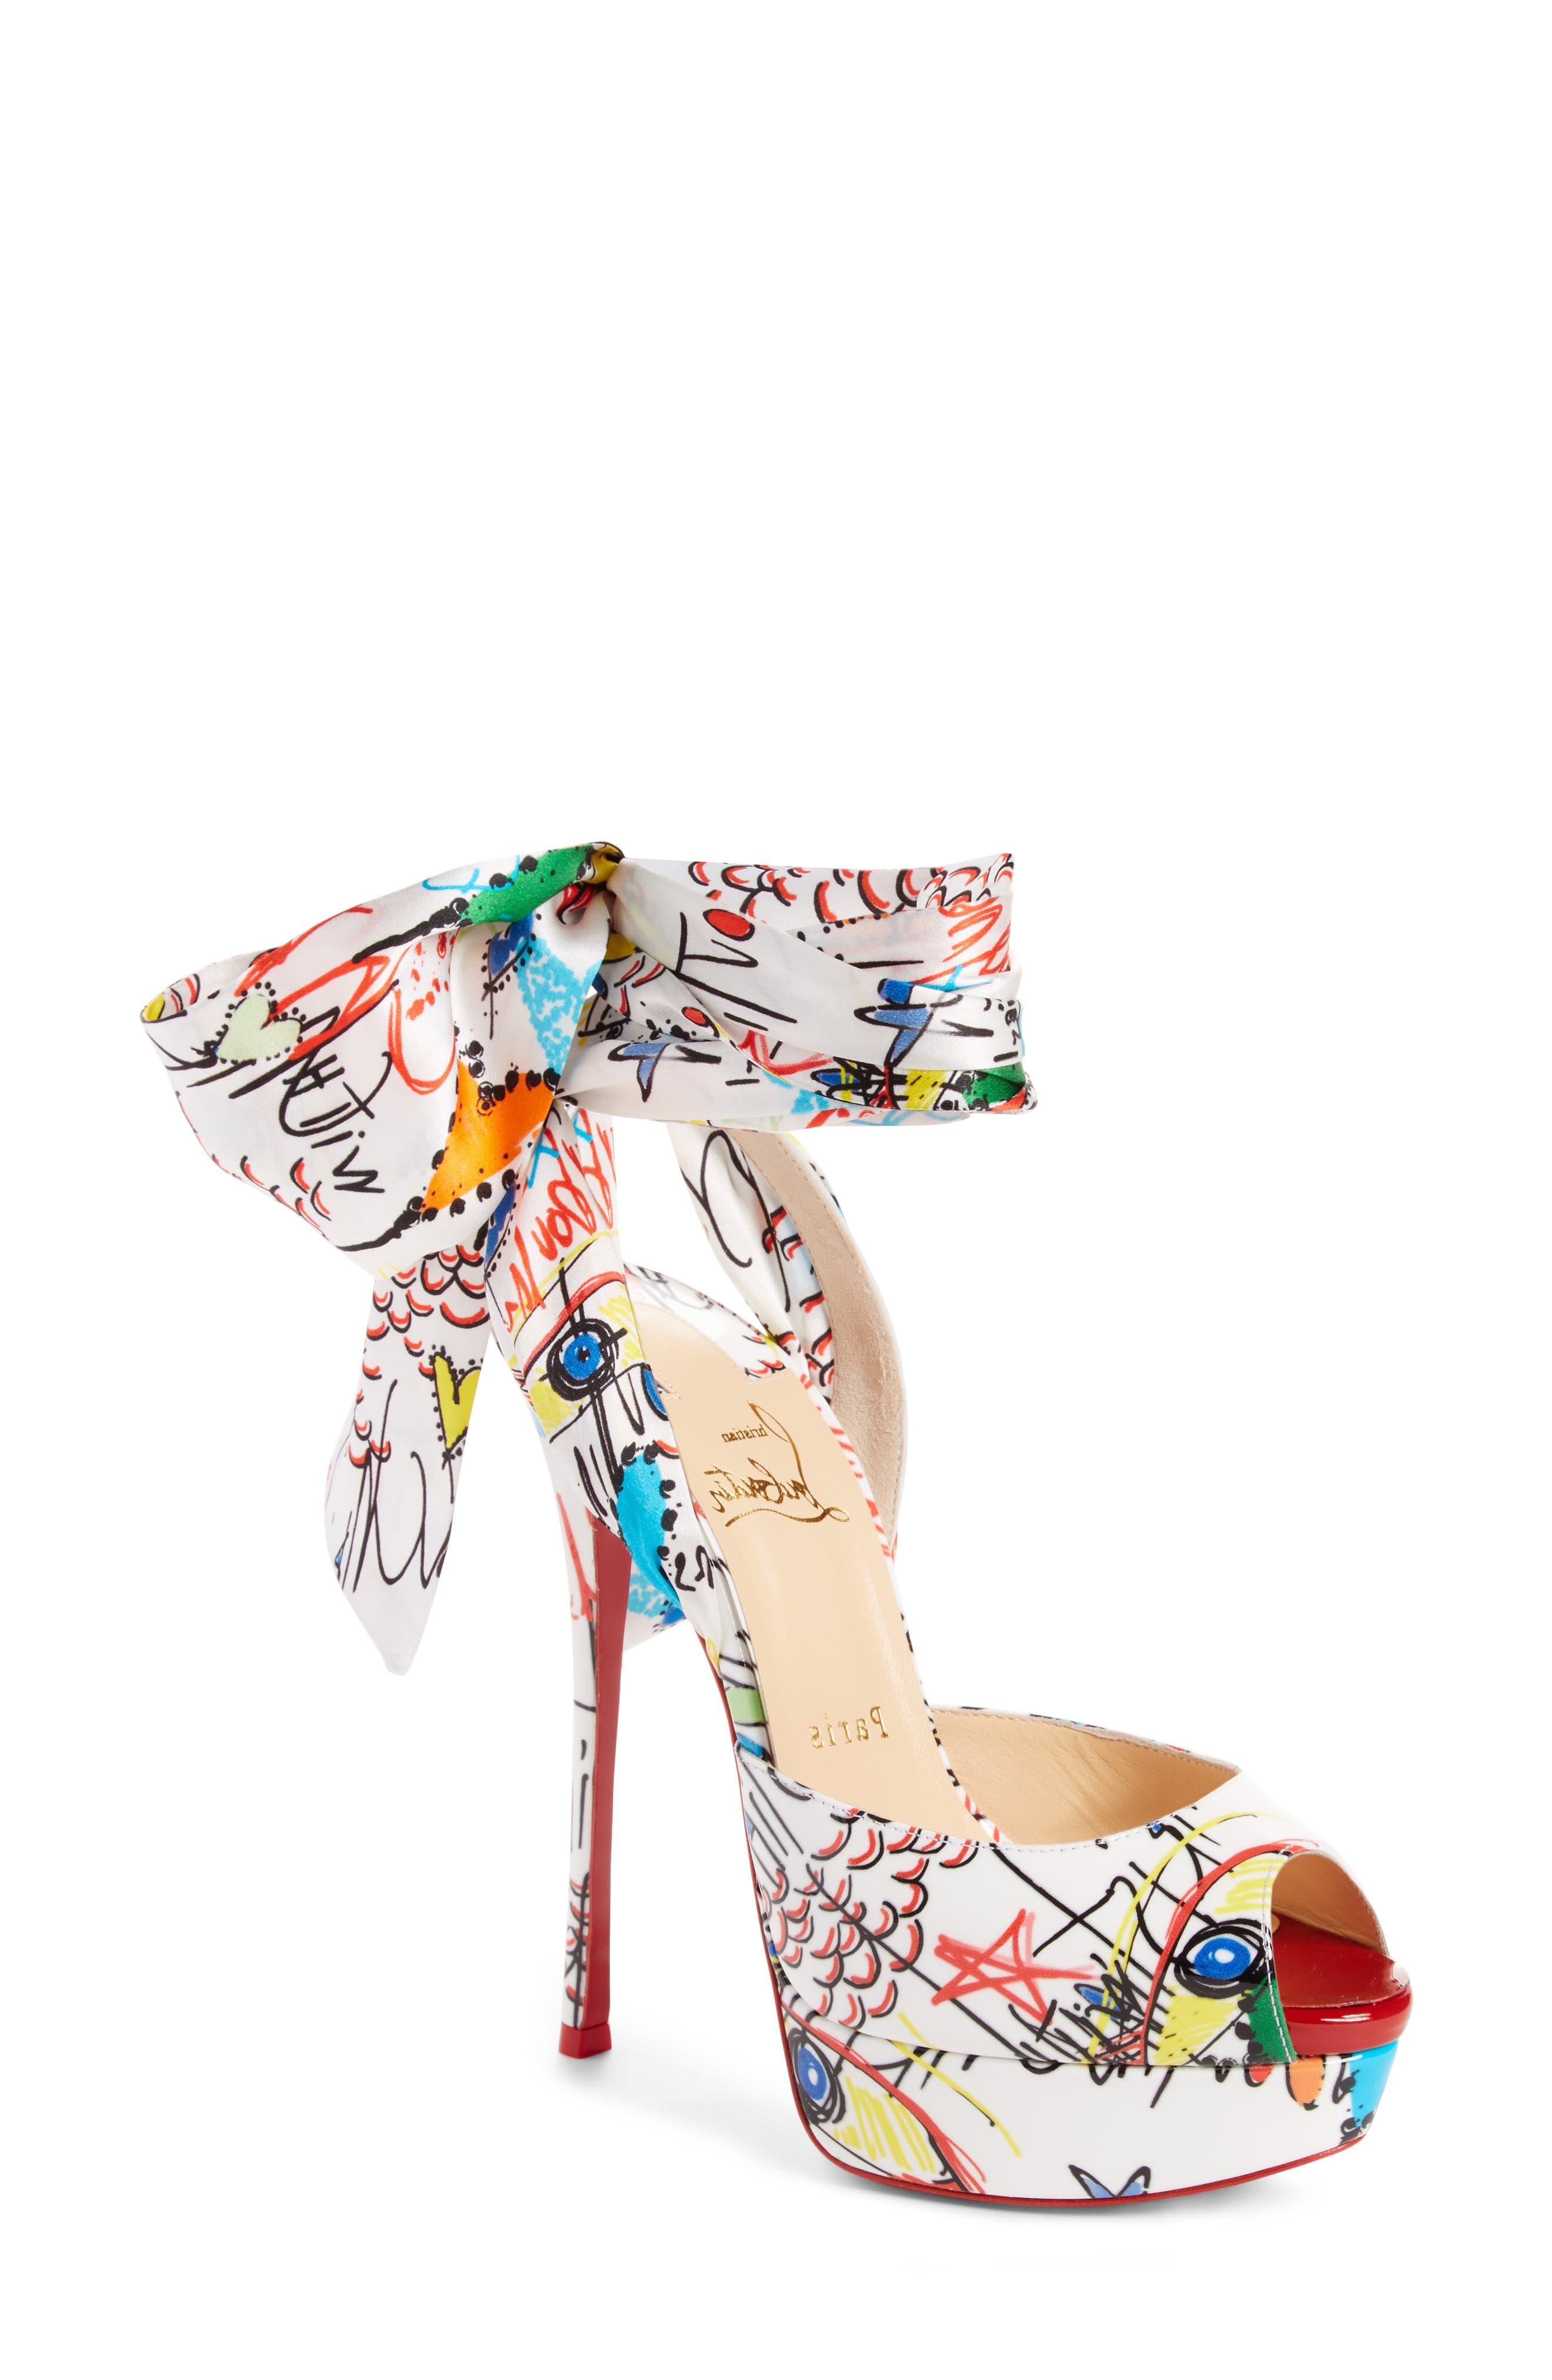 Loubitag Sandal,                         Main,                         color, White Multi